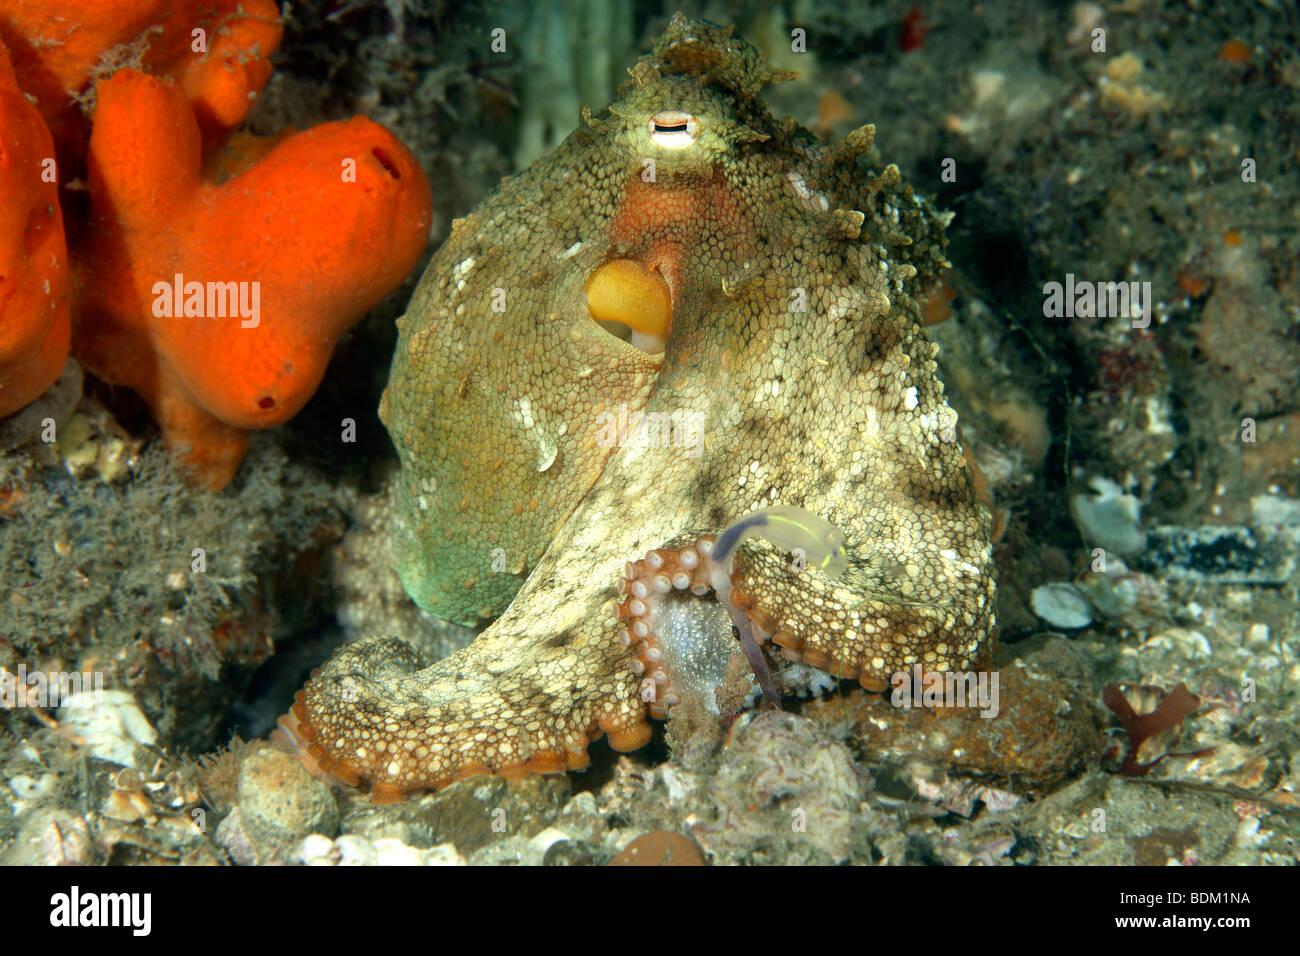 ein live Oktopus sitzen außerhalb seiner Höhle unter Wasser. Es hat seine Körperfarbe zu verschmelzen, Stockbild